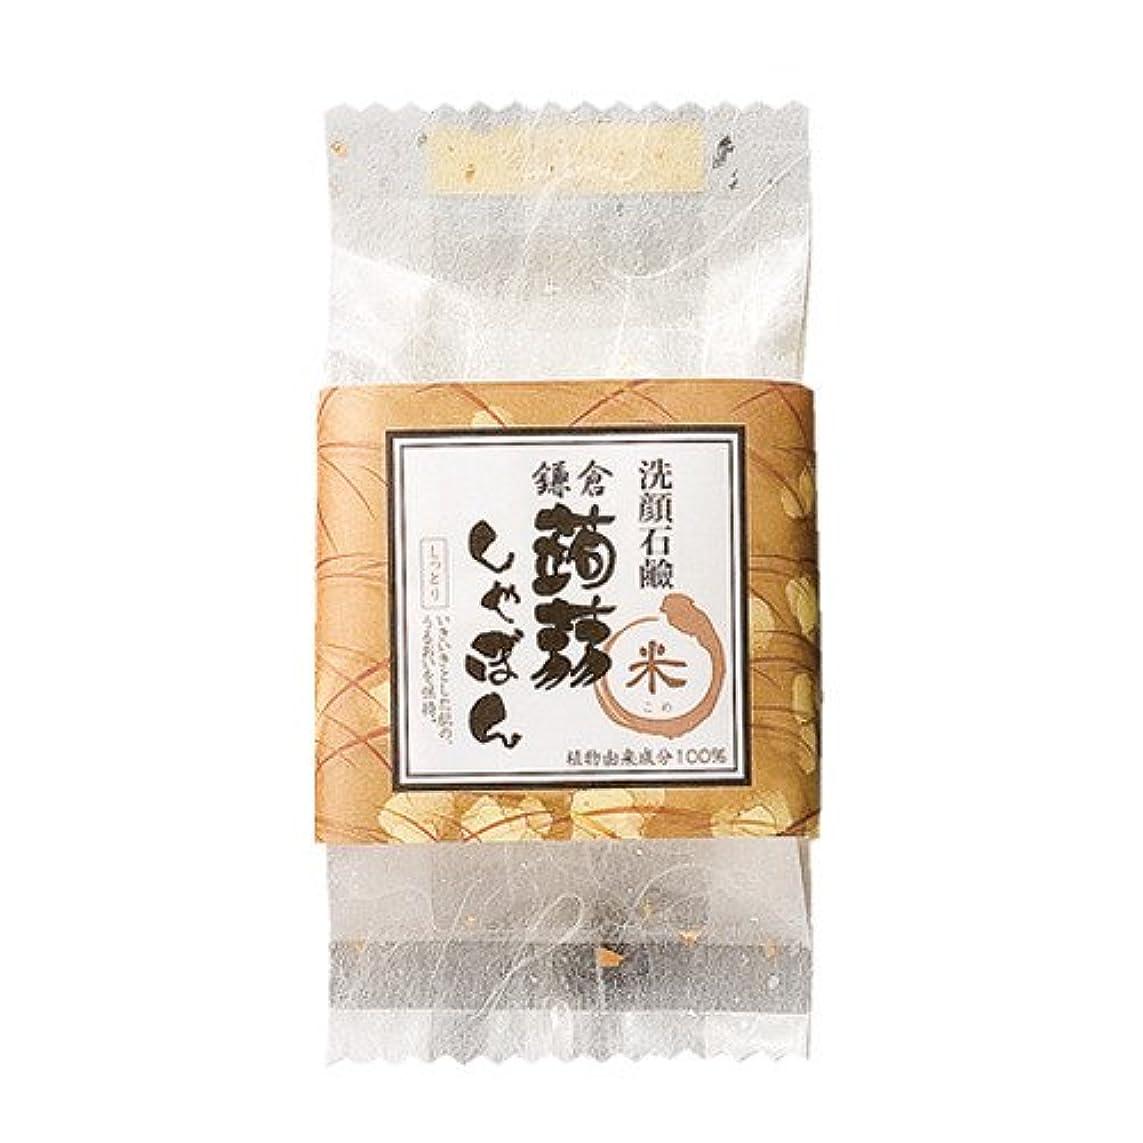 現実的損なう制約鎌倉 蒟蒻しゃぼん 米